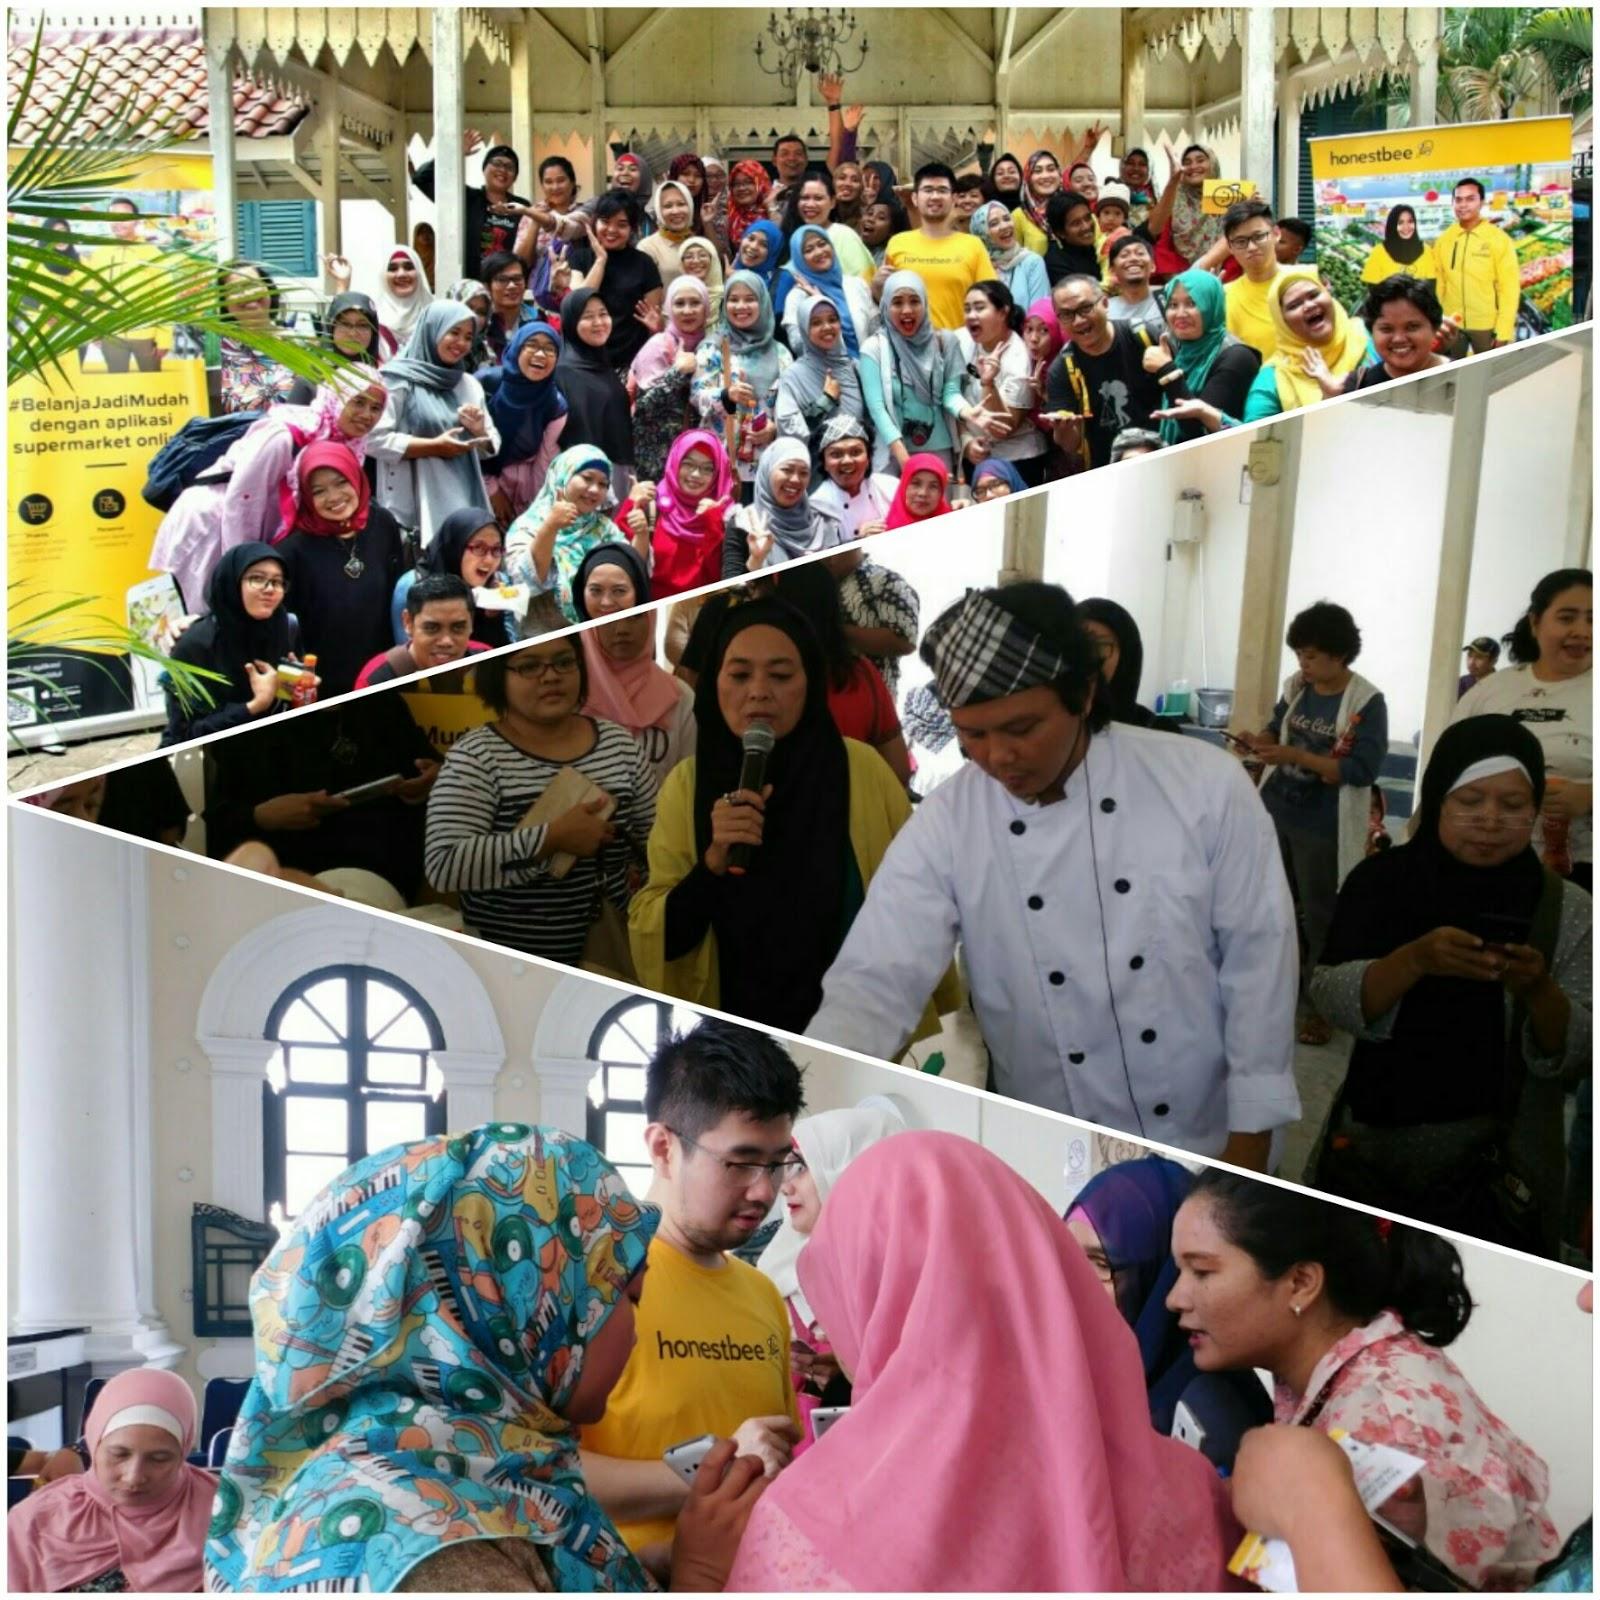 wisata belajar membatik di jogja Windah Saputro Wisata Belanja Dari Belajar Batik Hingga